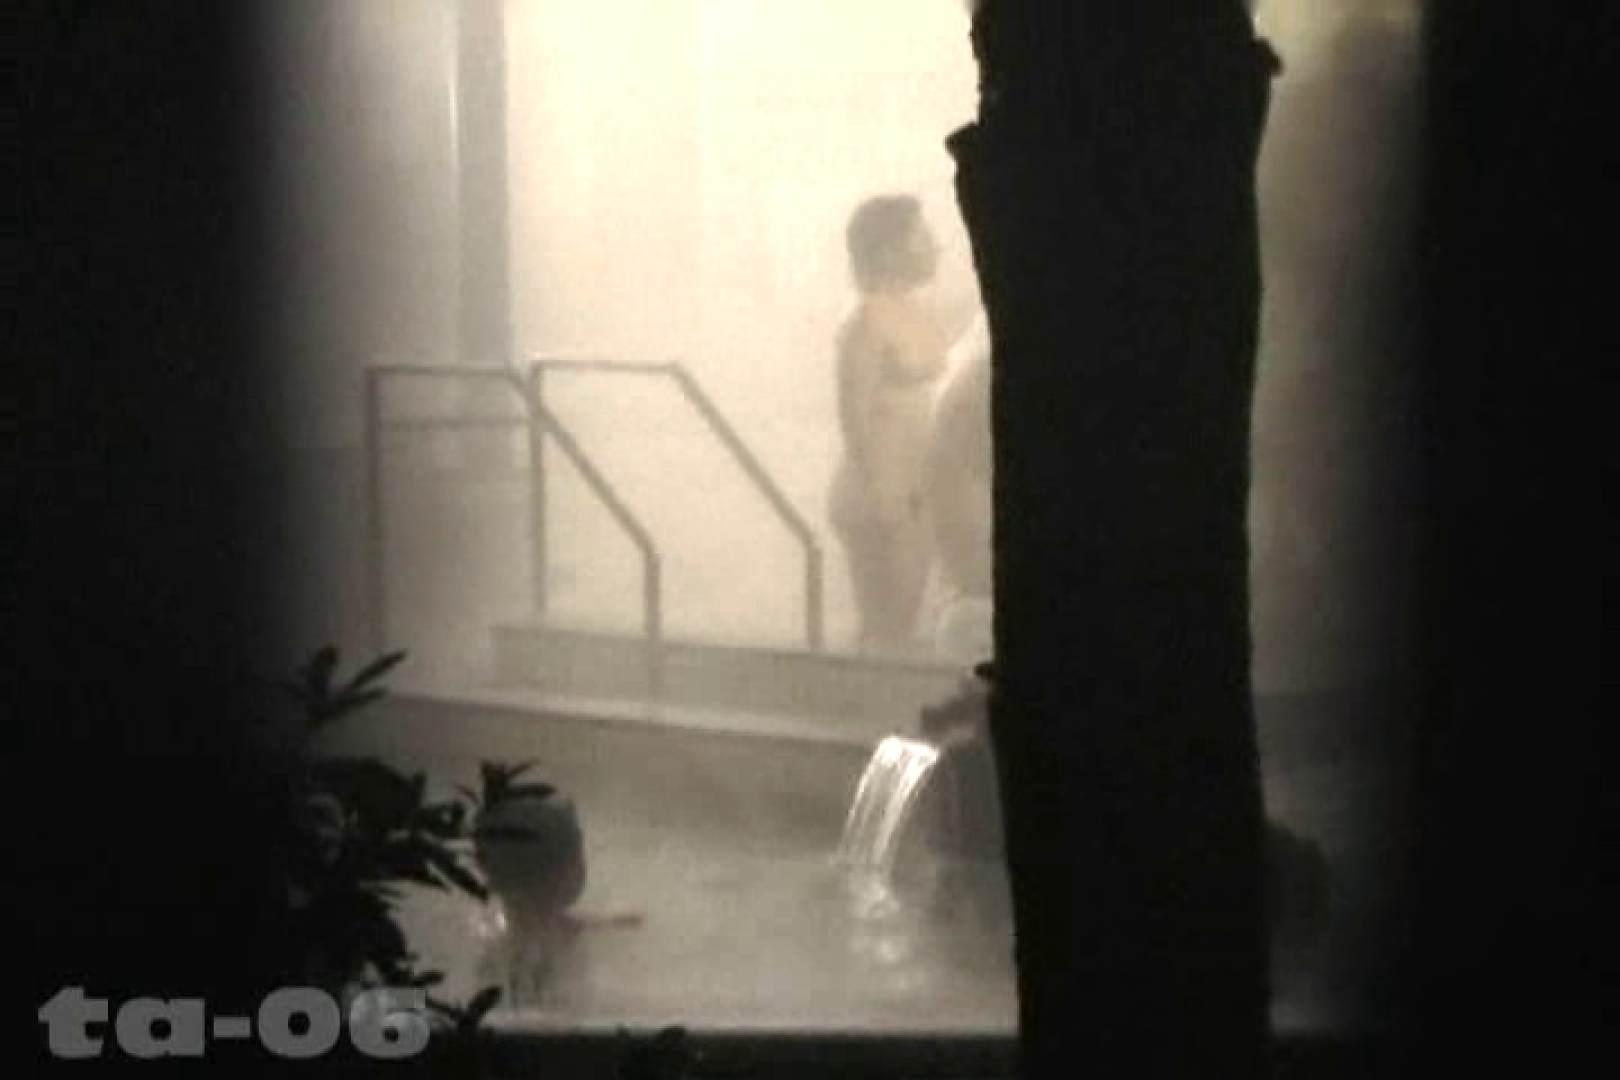 合宿ホテル女風呂盗撮高画質版 Vol.06 盗撮映像大放出 | 合宿  107連発 55